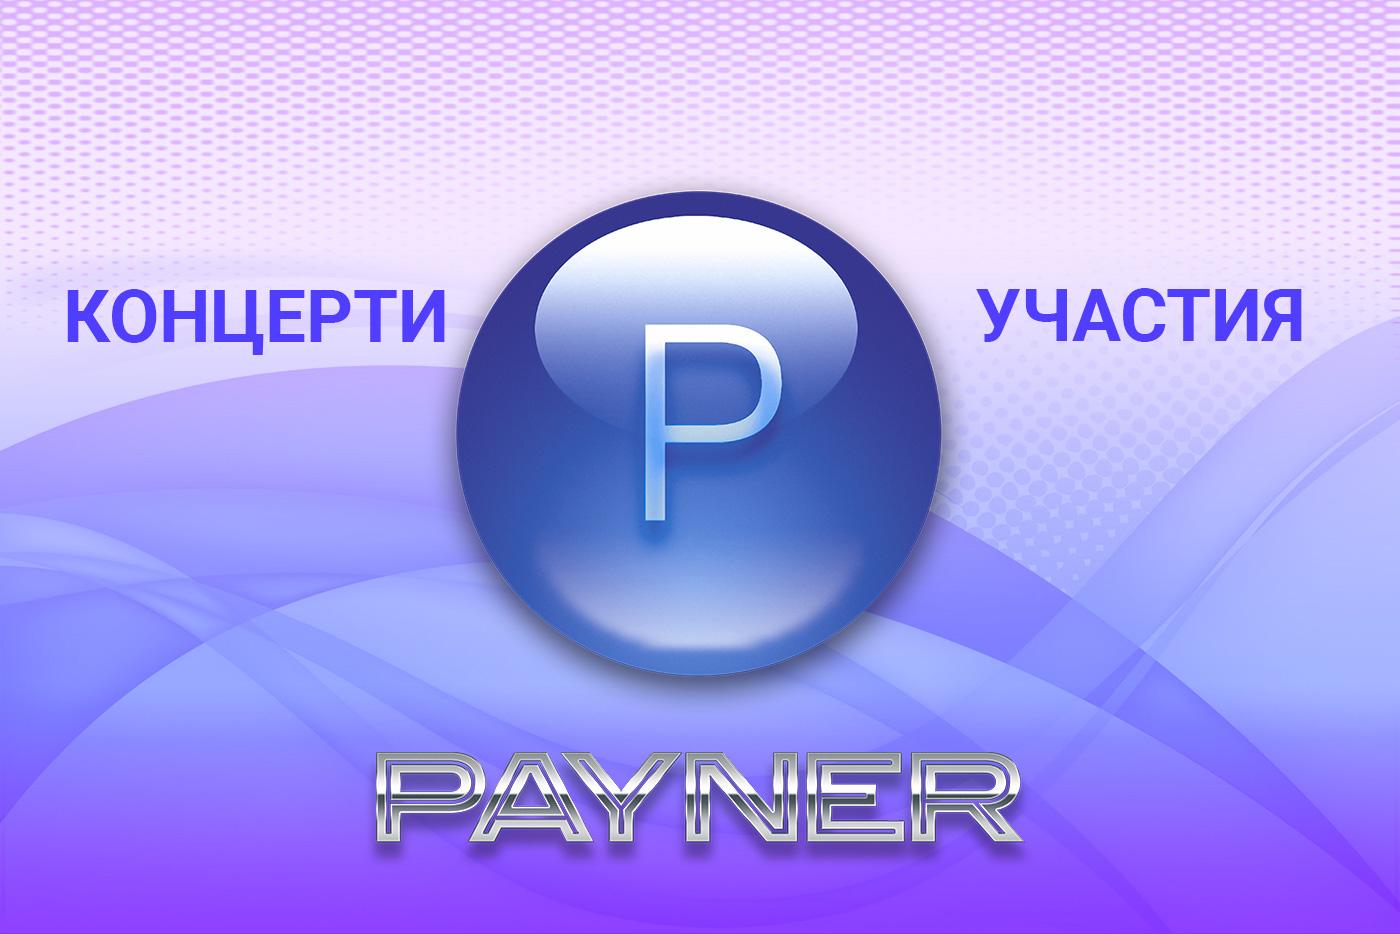 """Участия на звездите на """"Пайнер"""" на 24.07.2019"""